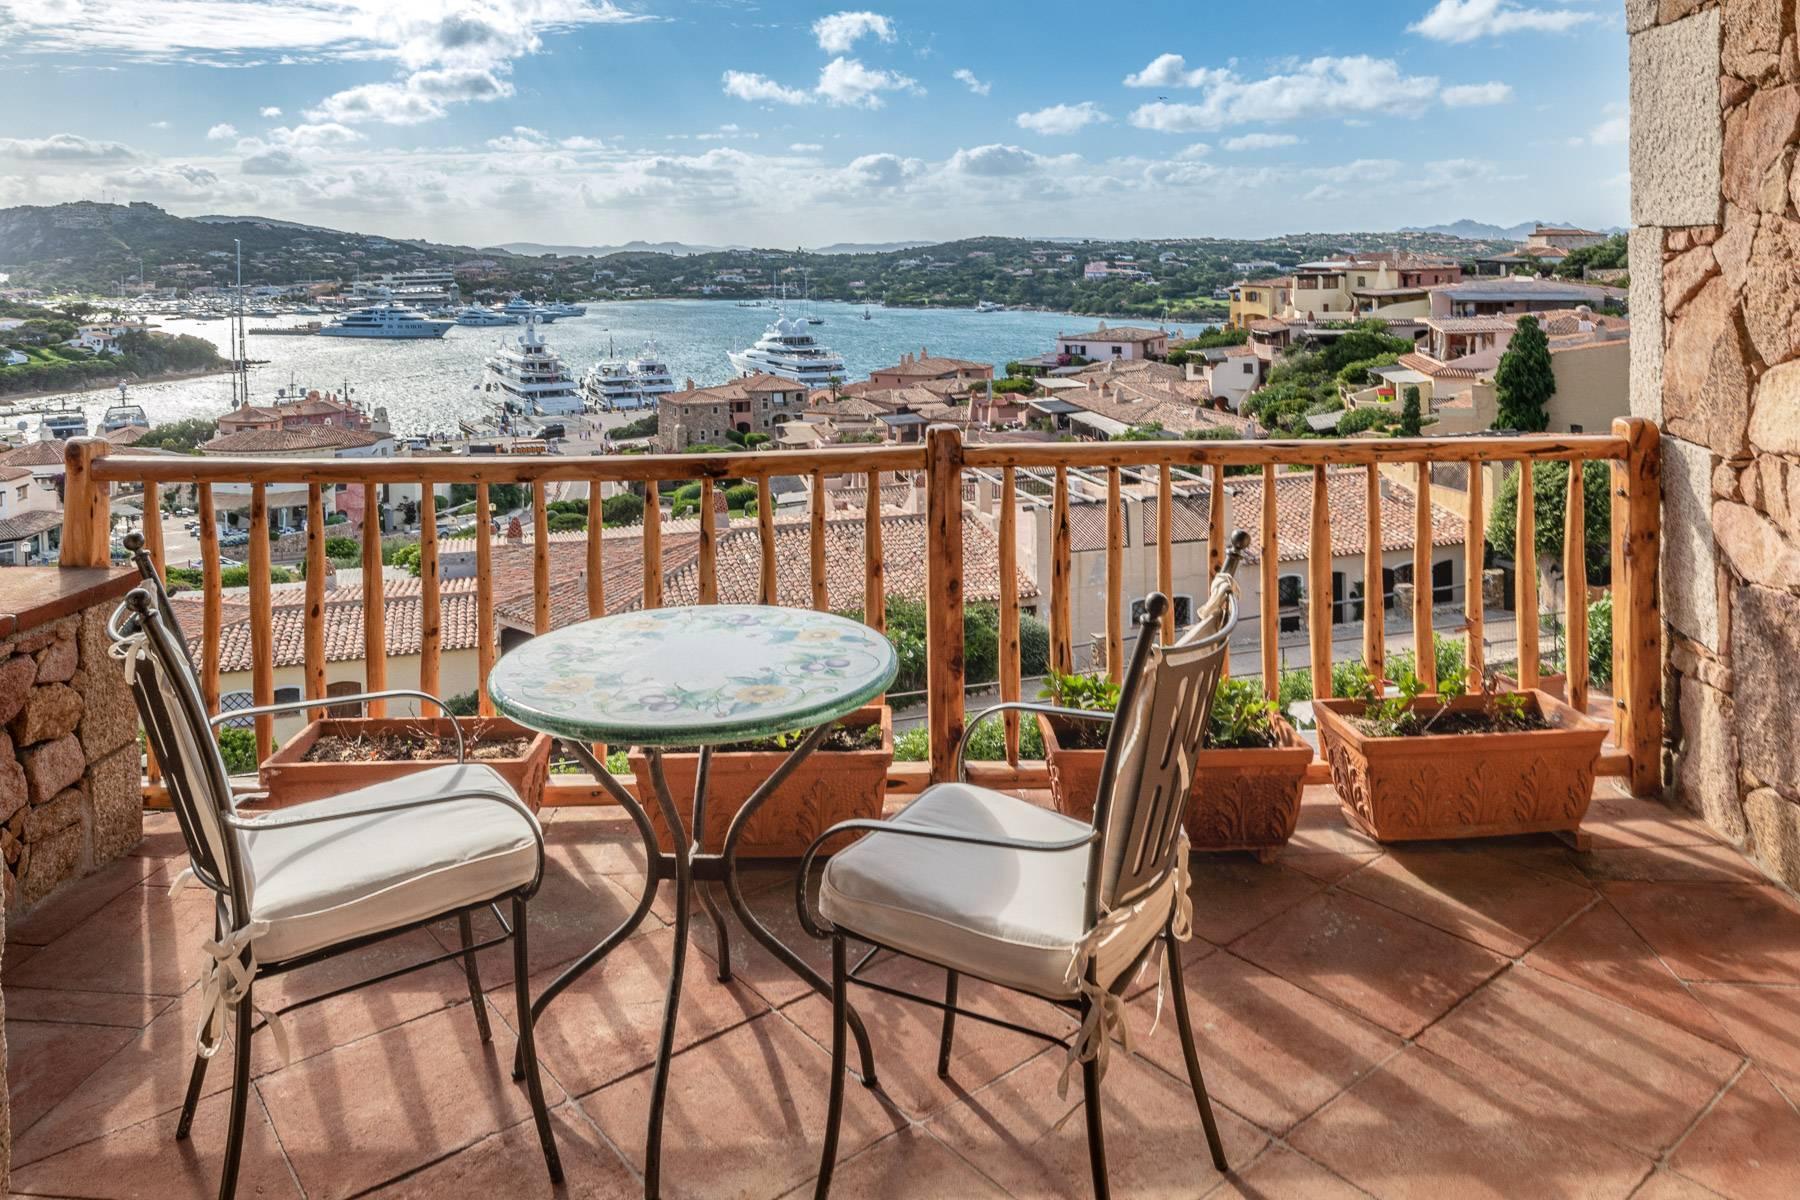 Importante villa indipendente con un impareggiabile panorama, nel cuore di Porto Cervo. - 13